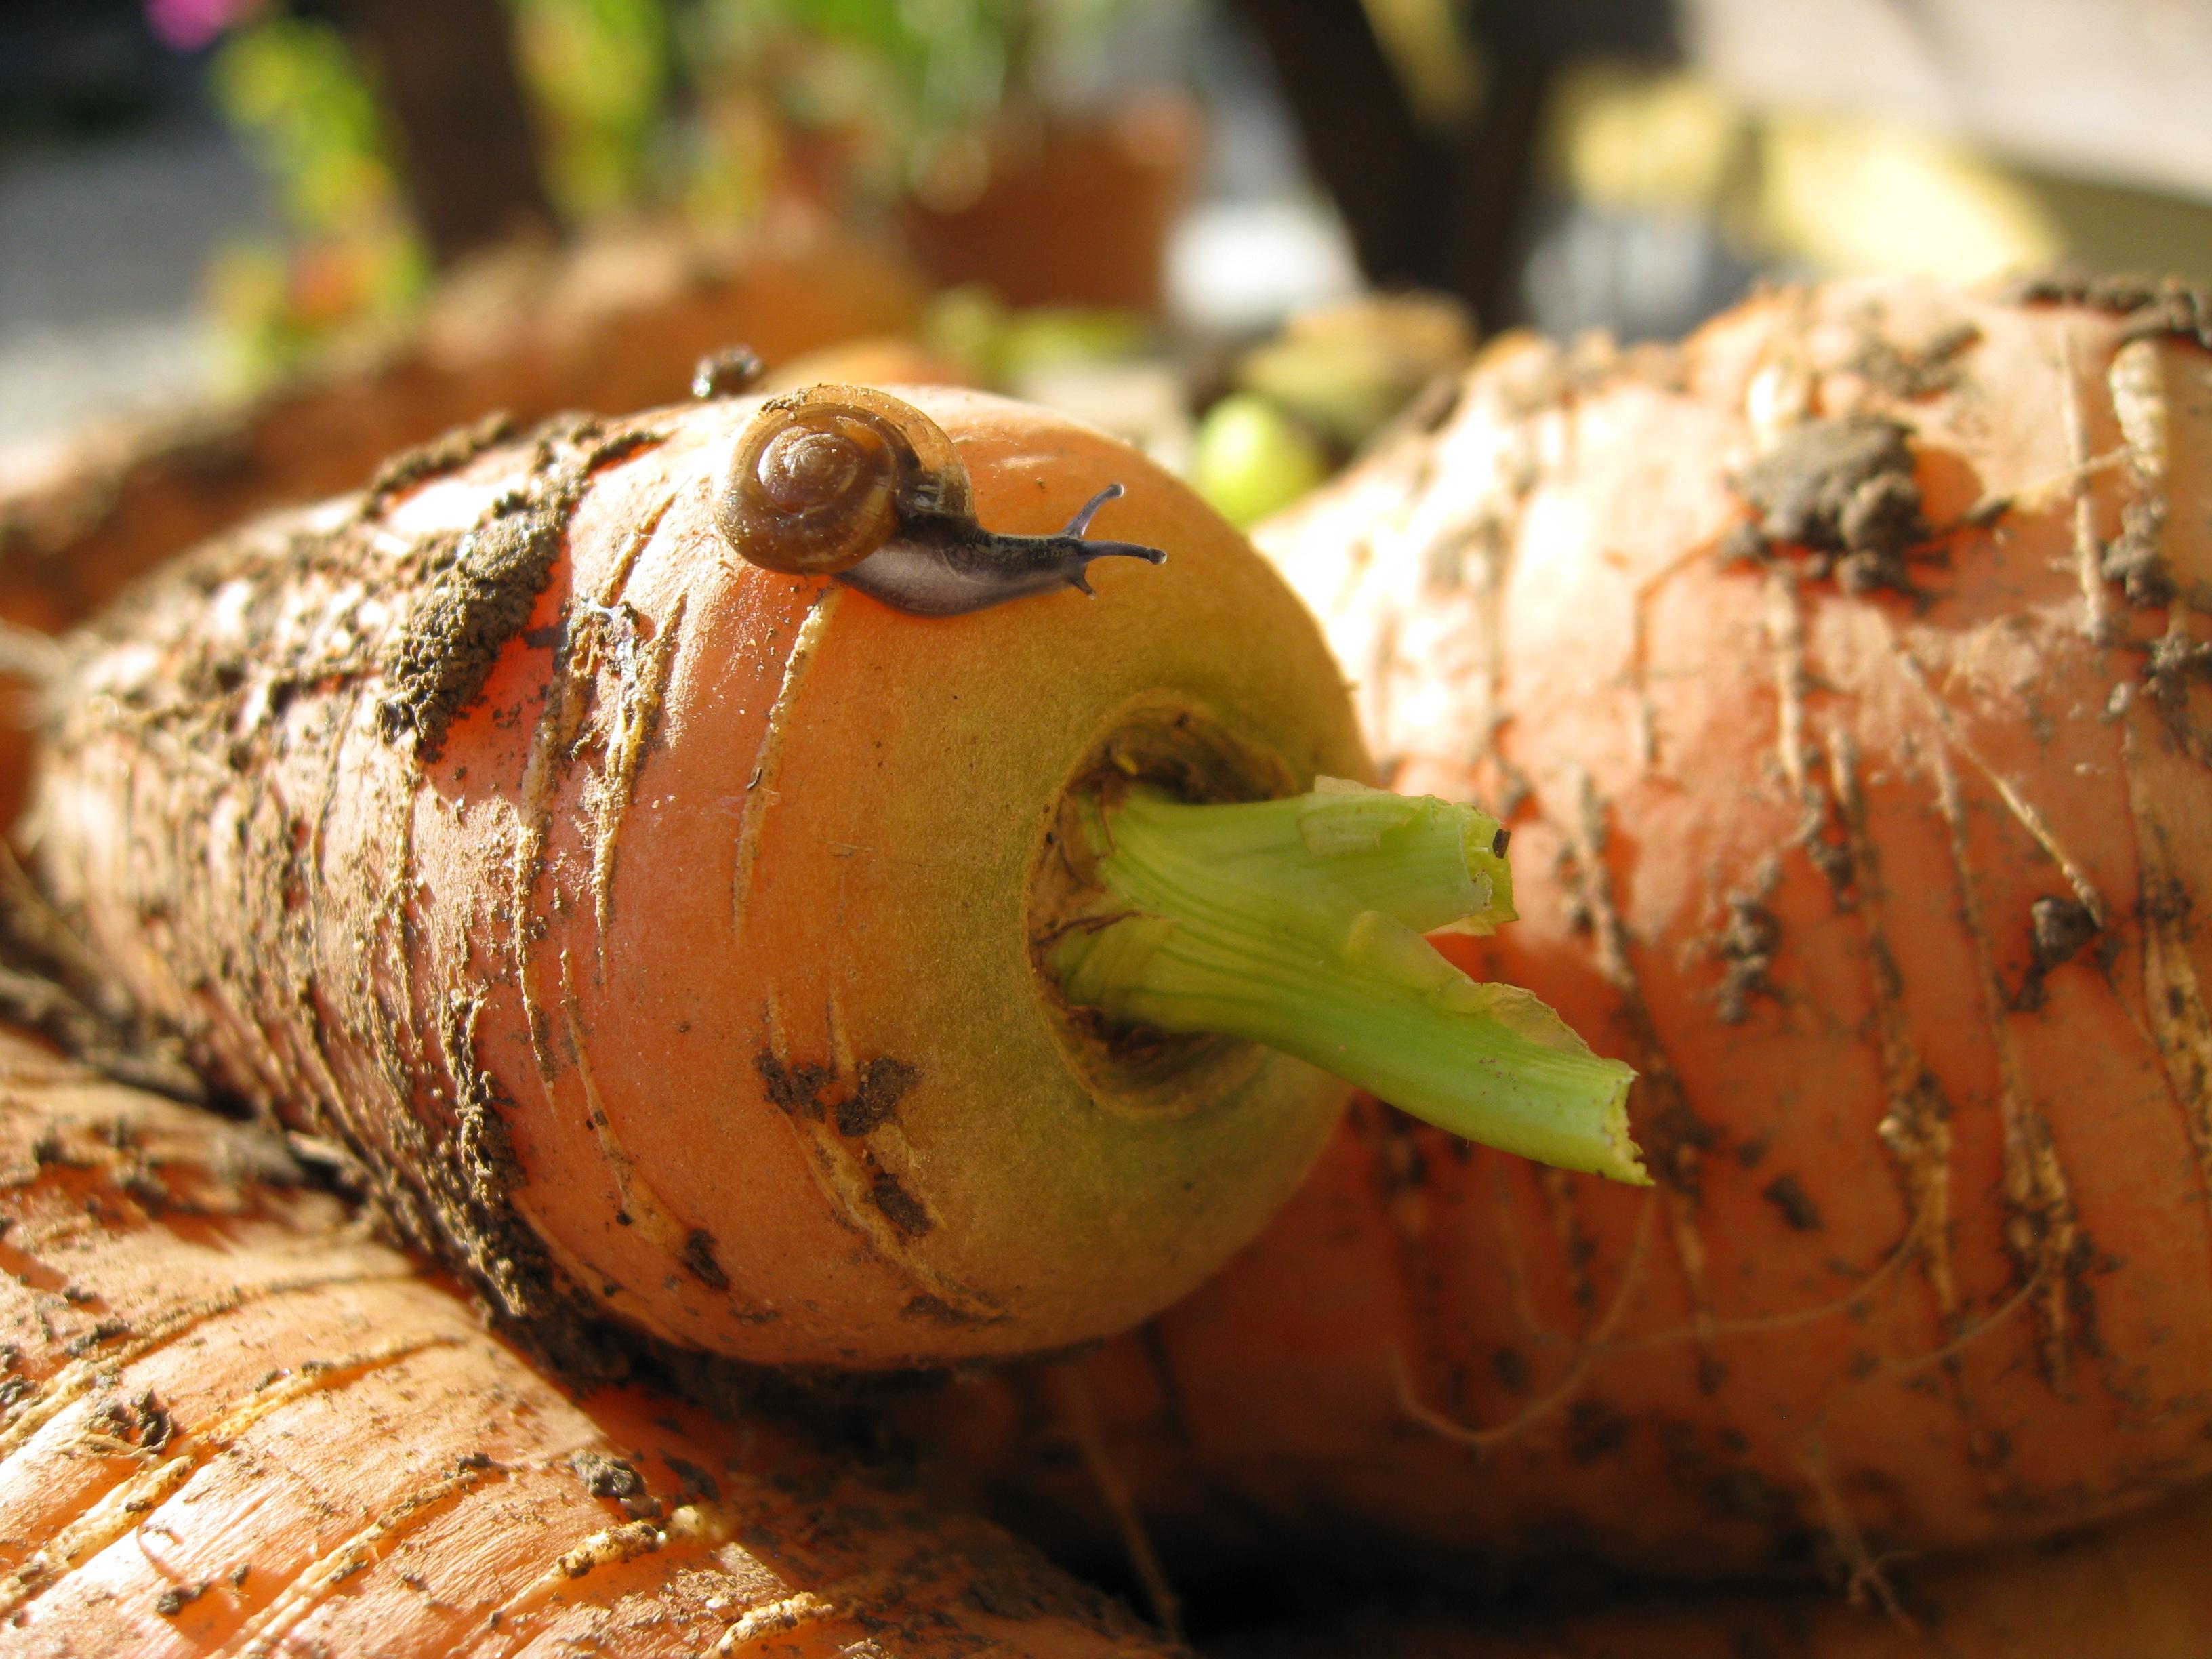 Schnecke auf Karotte